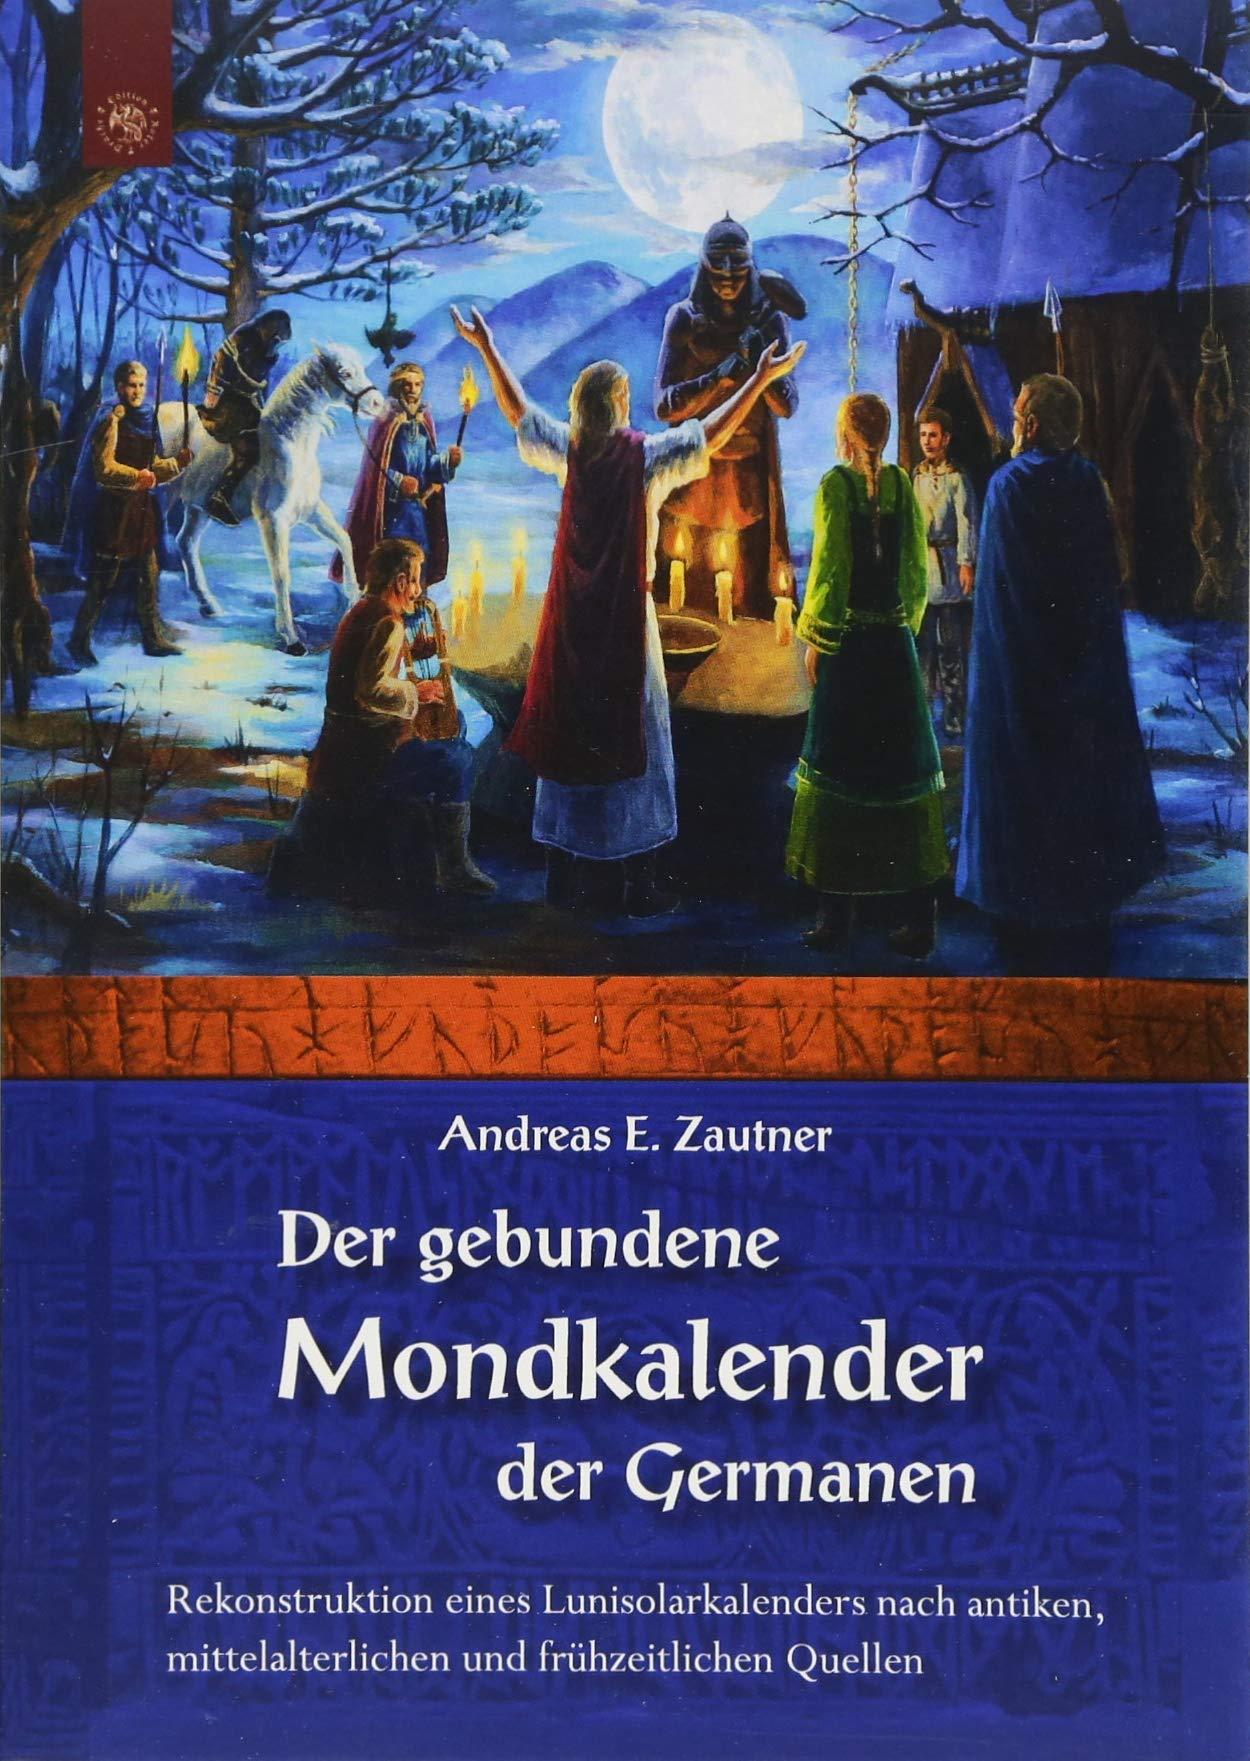 der-gebundene-mondkalender-der-germanen-rekonstruktion-eines-lunisolarkalenders-nach-antiken-mittelalterlichen-und-frhneuzeitlichen-quellen